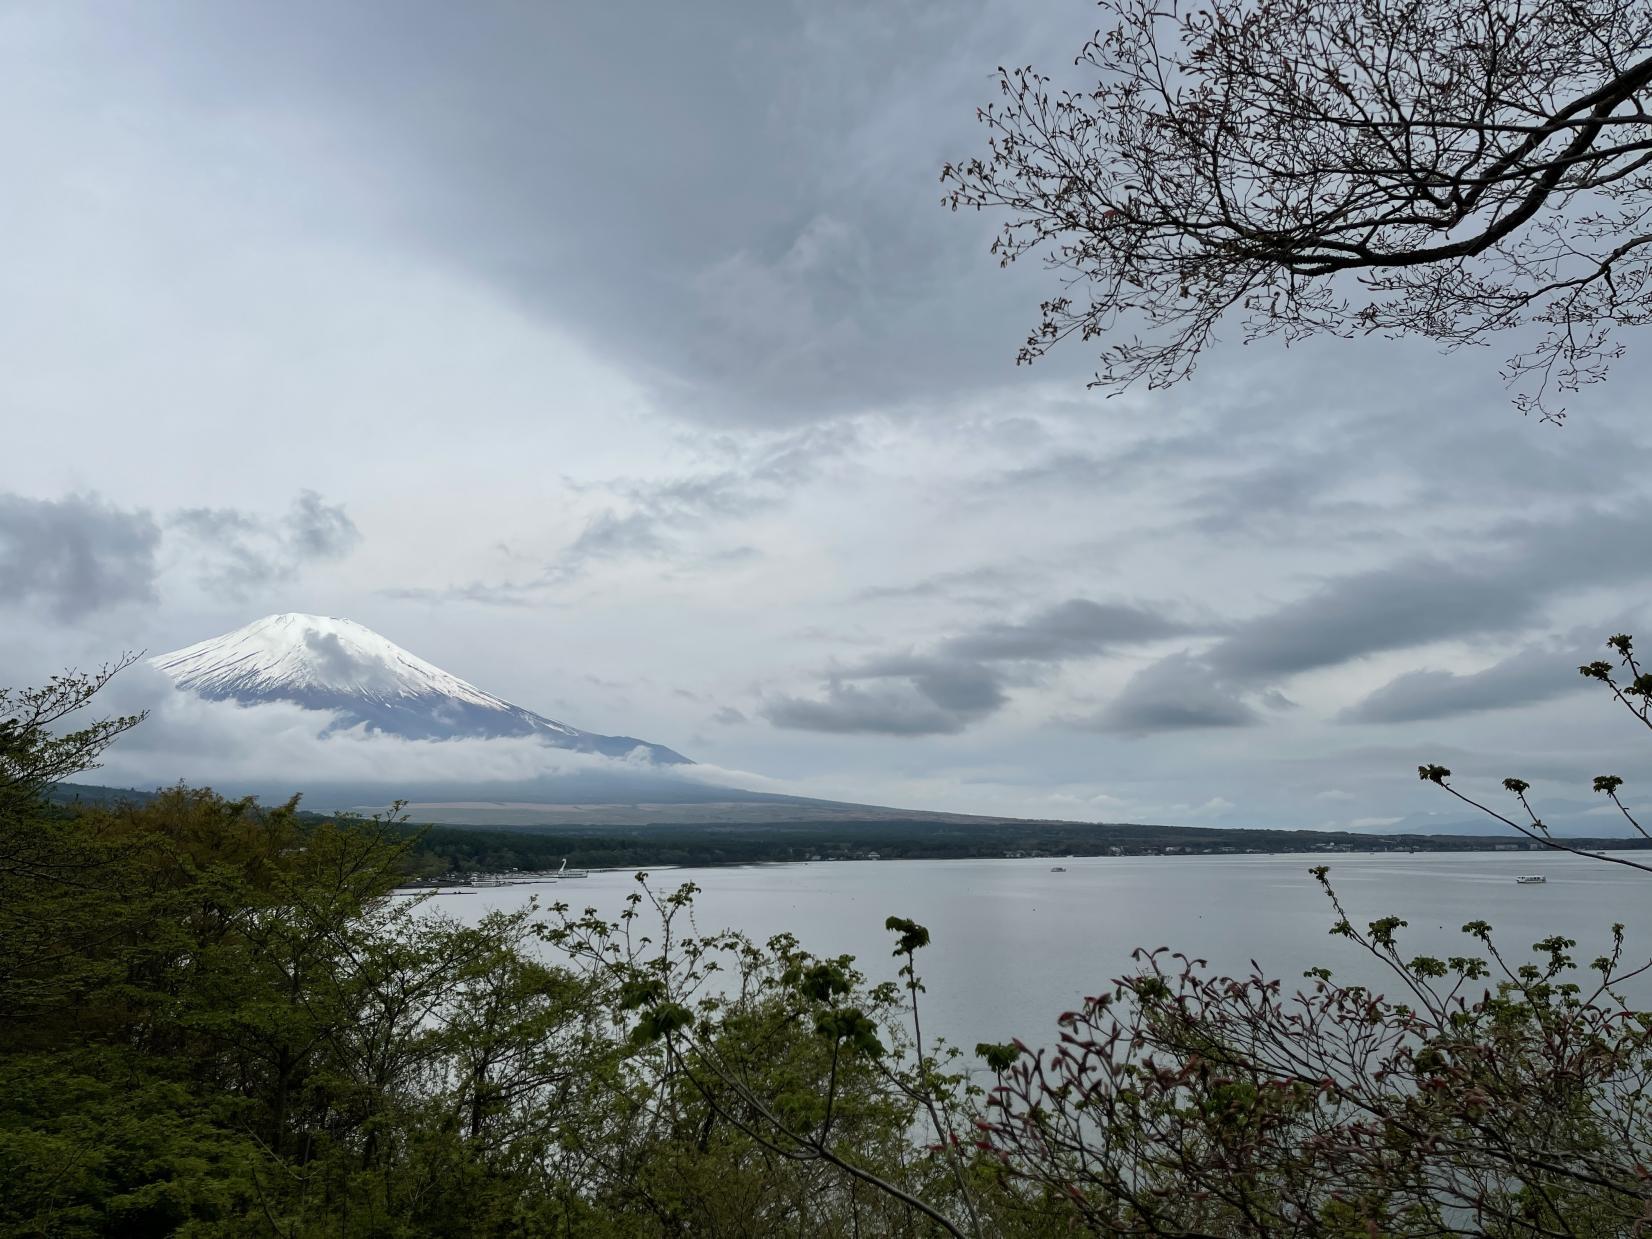 山中湖で楽しむ ルーツ&アドベンチャーツーリズム-1